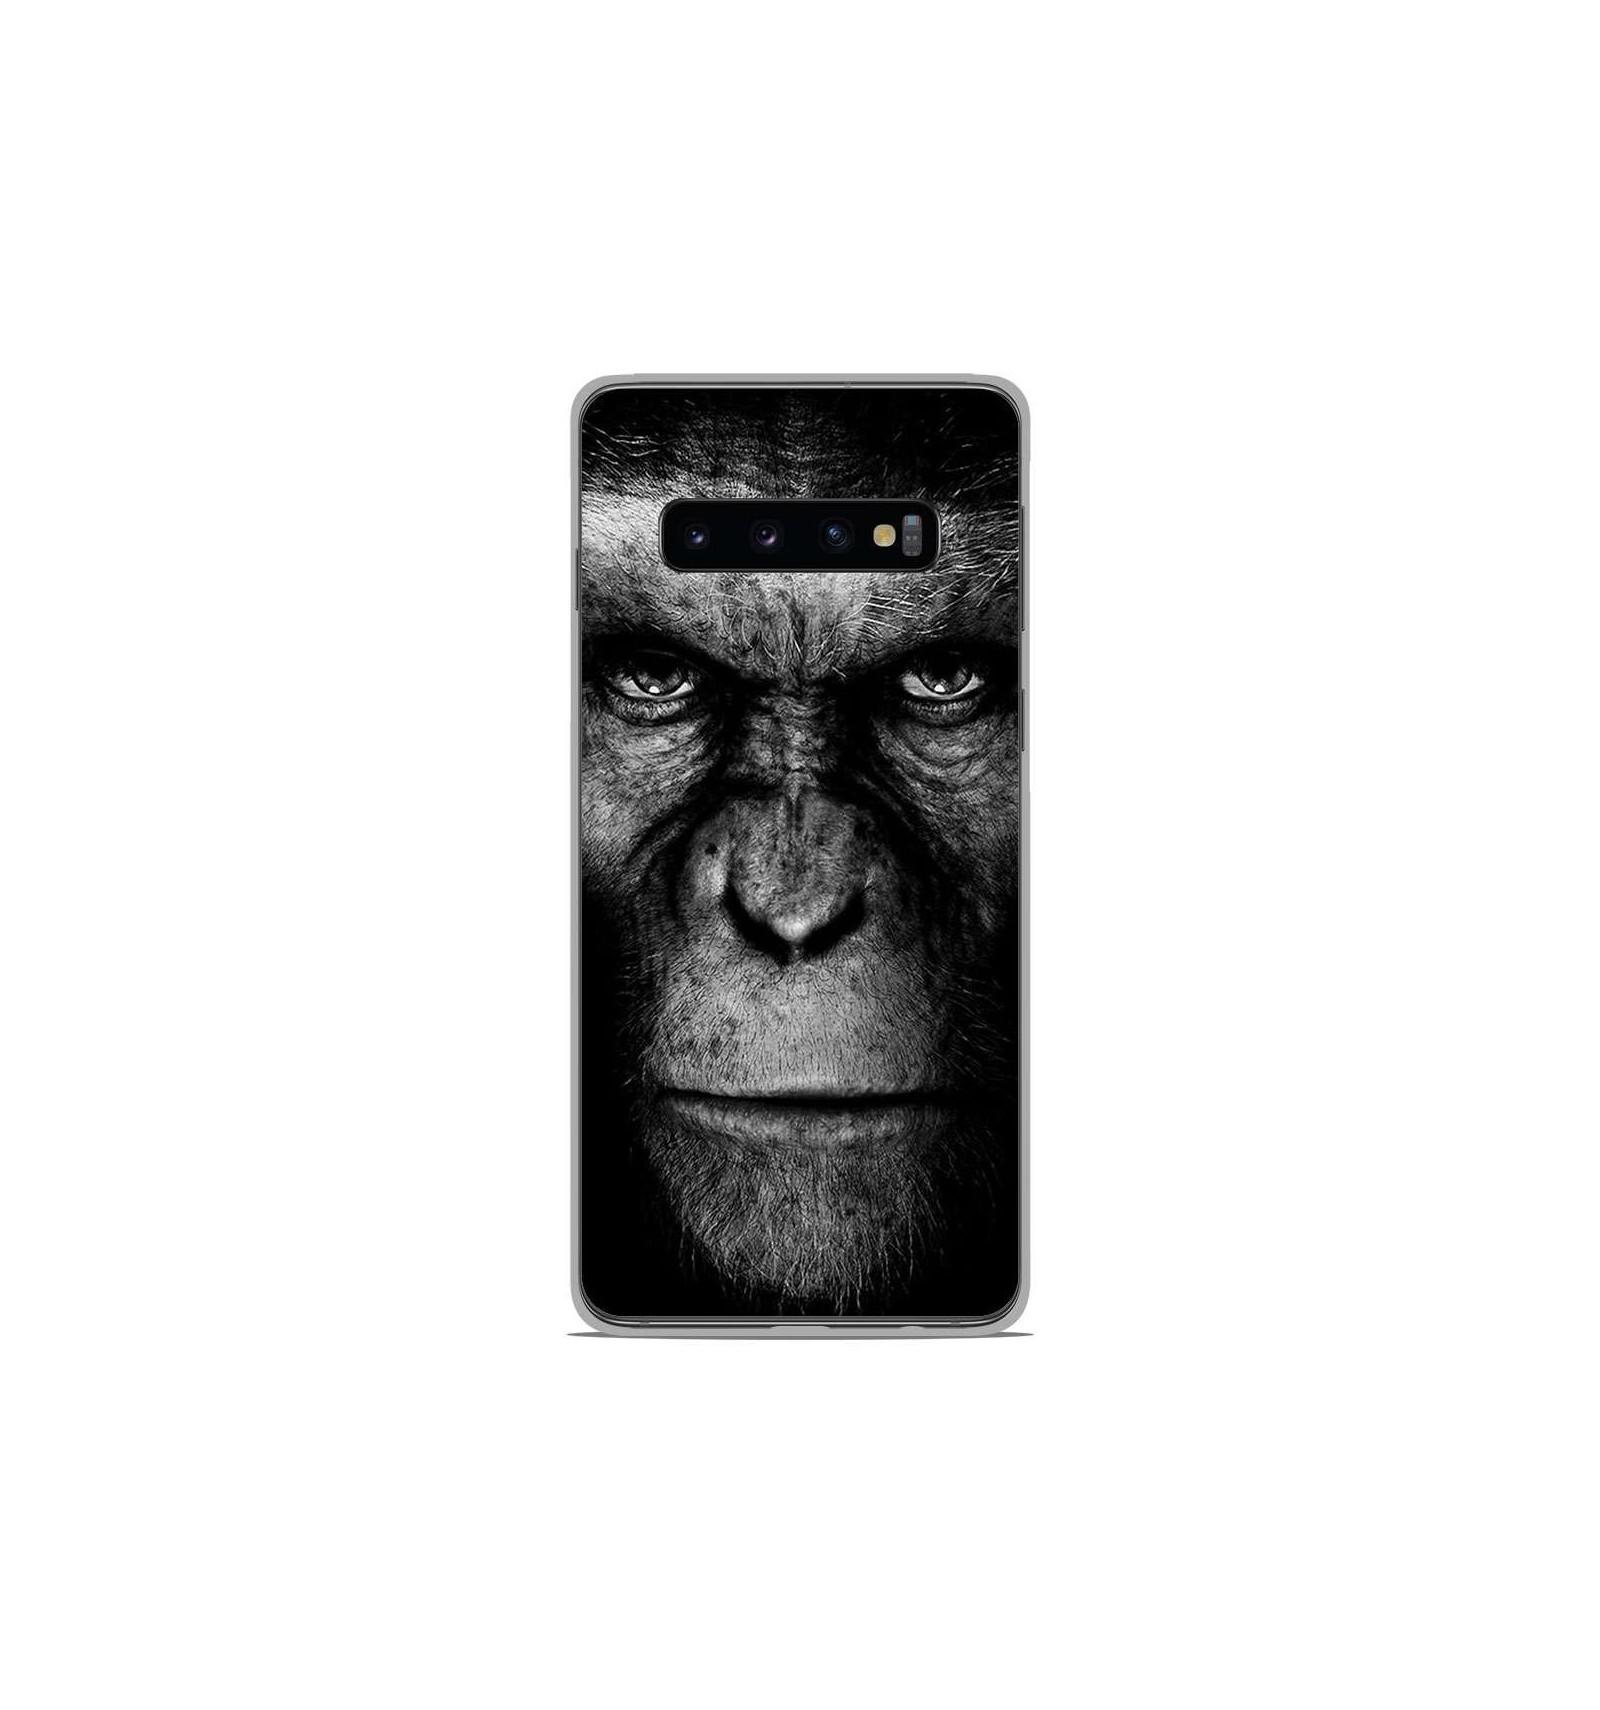 Coque en silicone Samsung Galaxy S10 - Singe